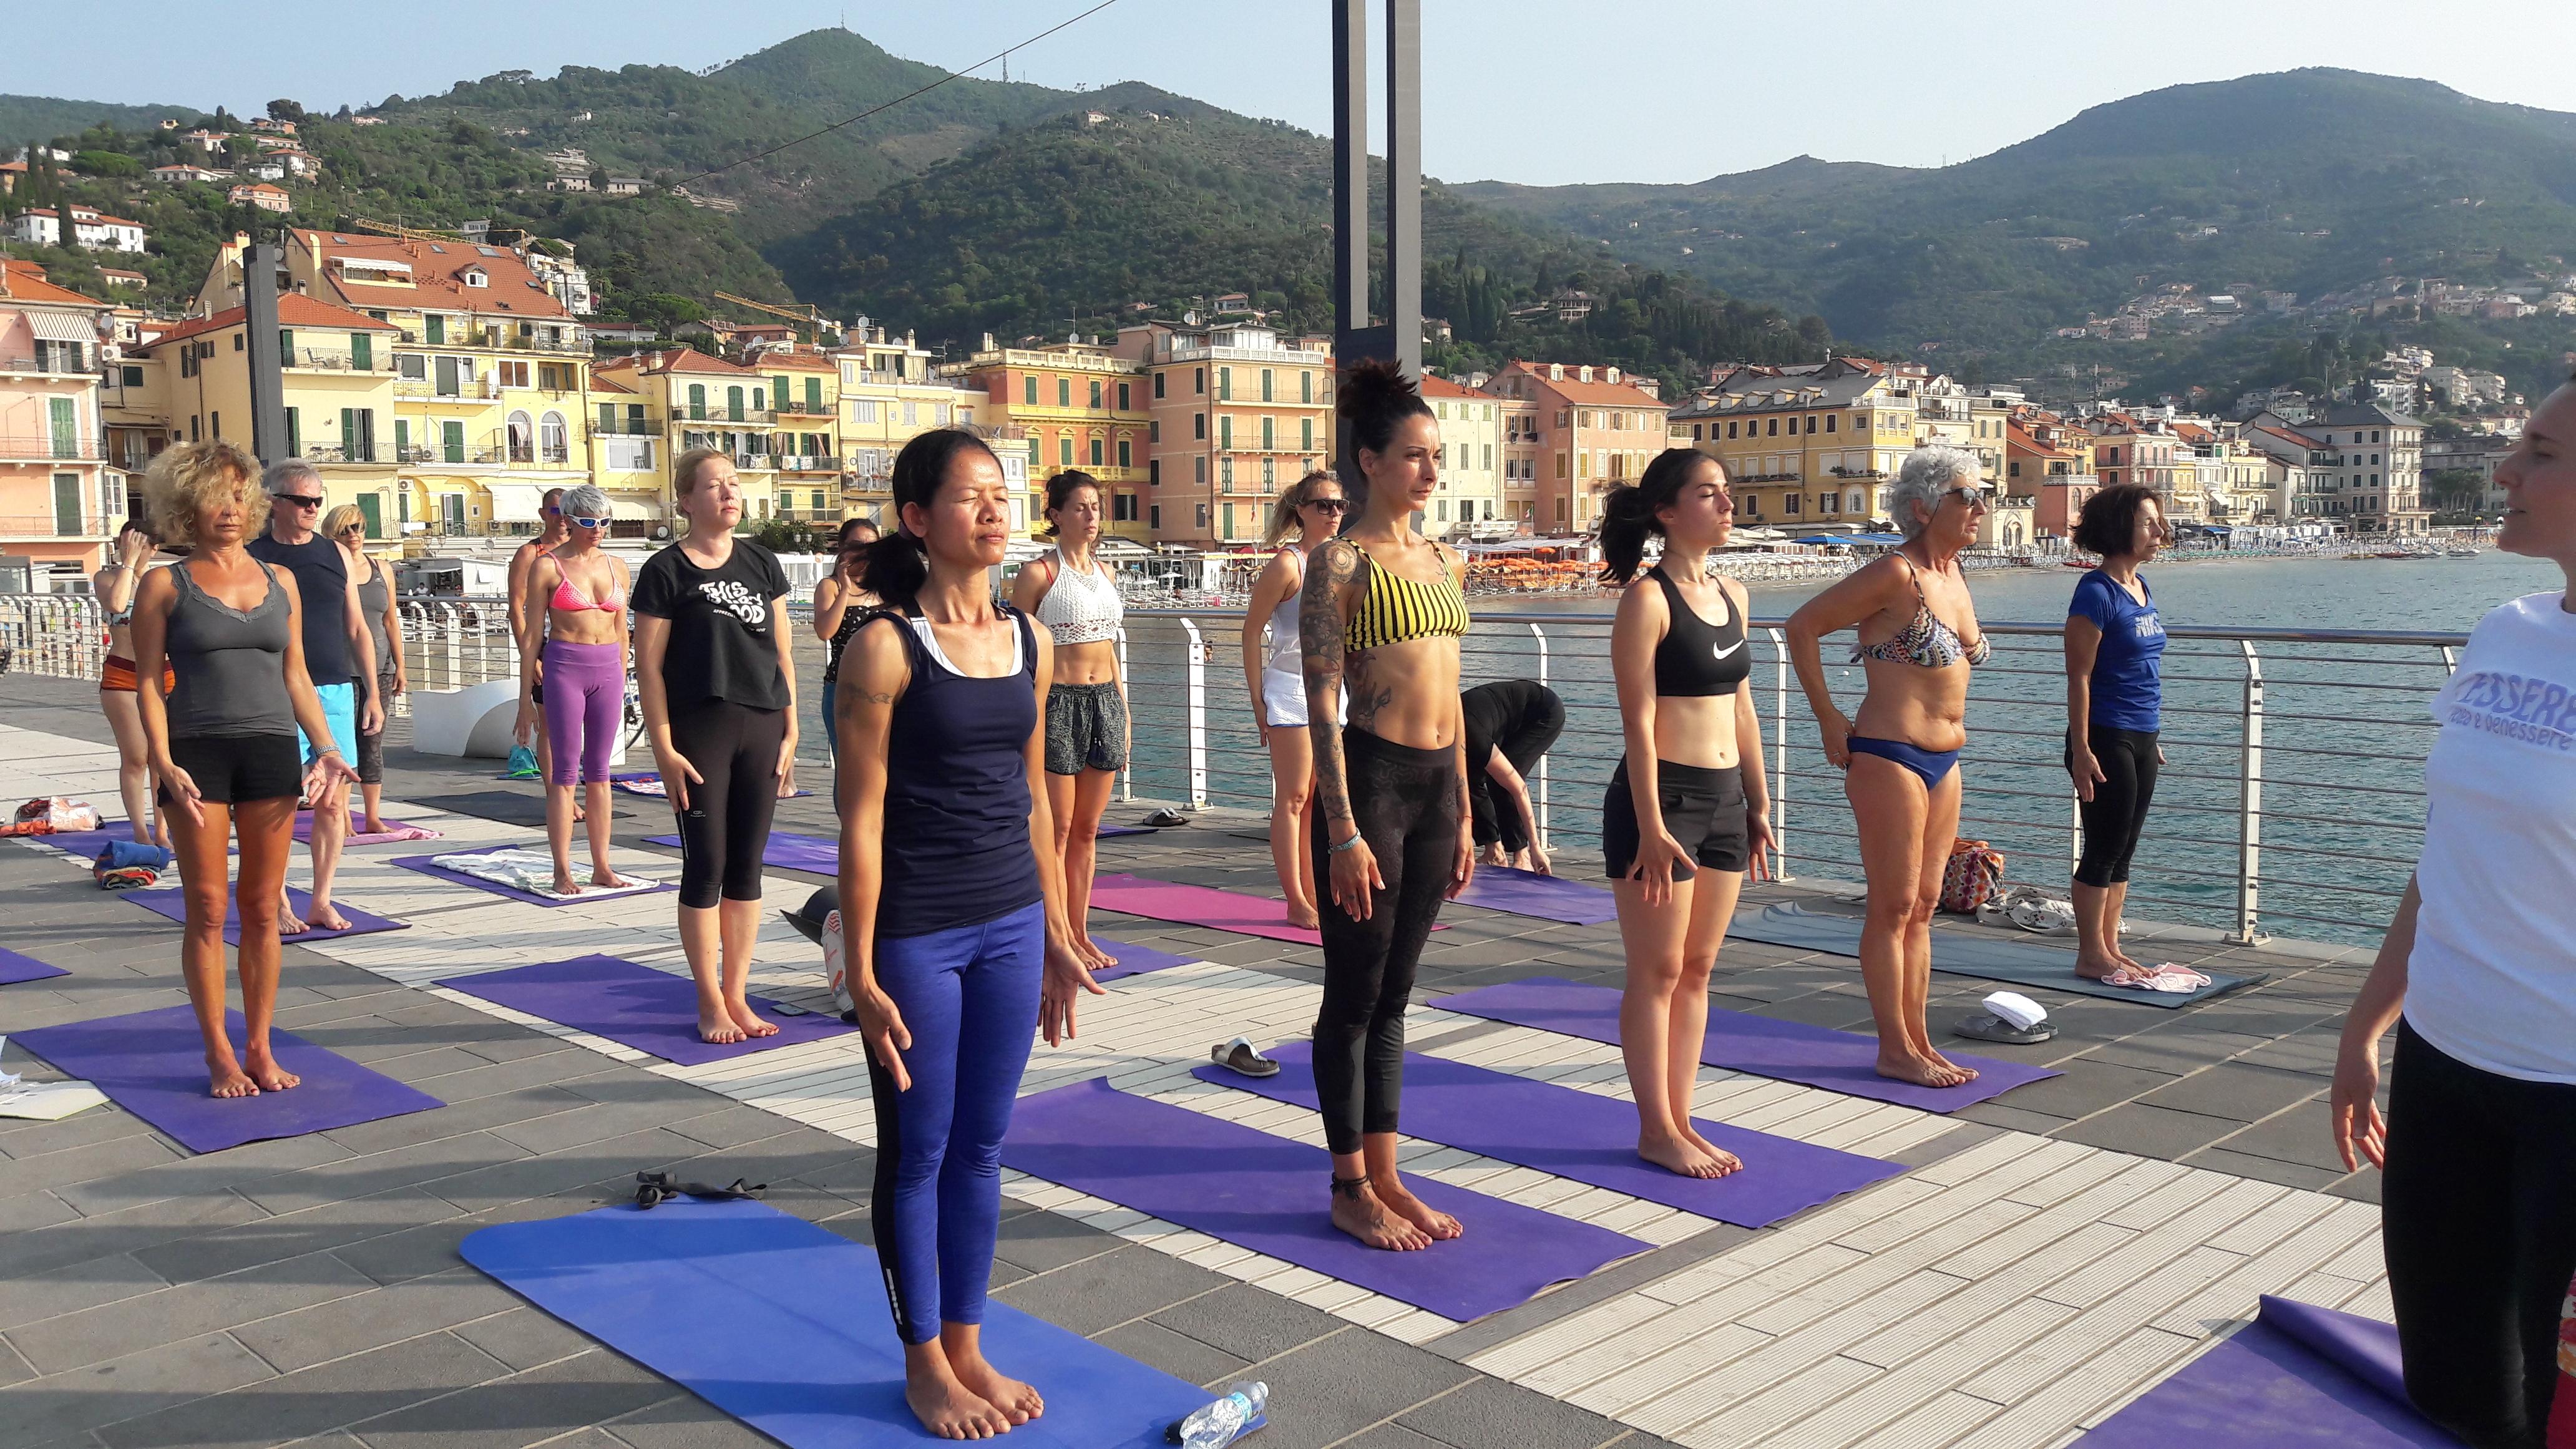 essere-free-yoga-gratuito-benessere-per-tutti-village-citta-alassio-estate-lucia-ragazzi-summer-town-wellness-018